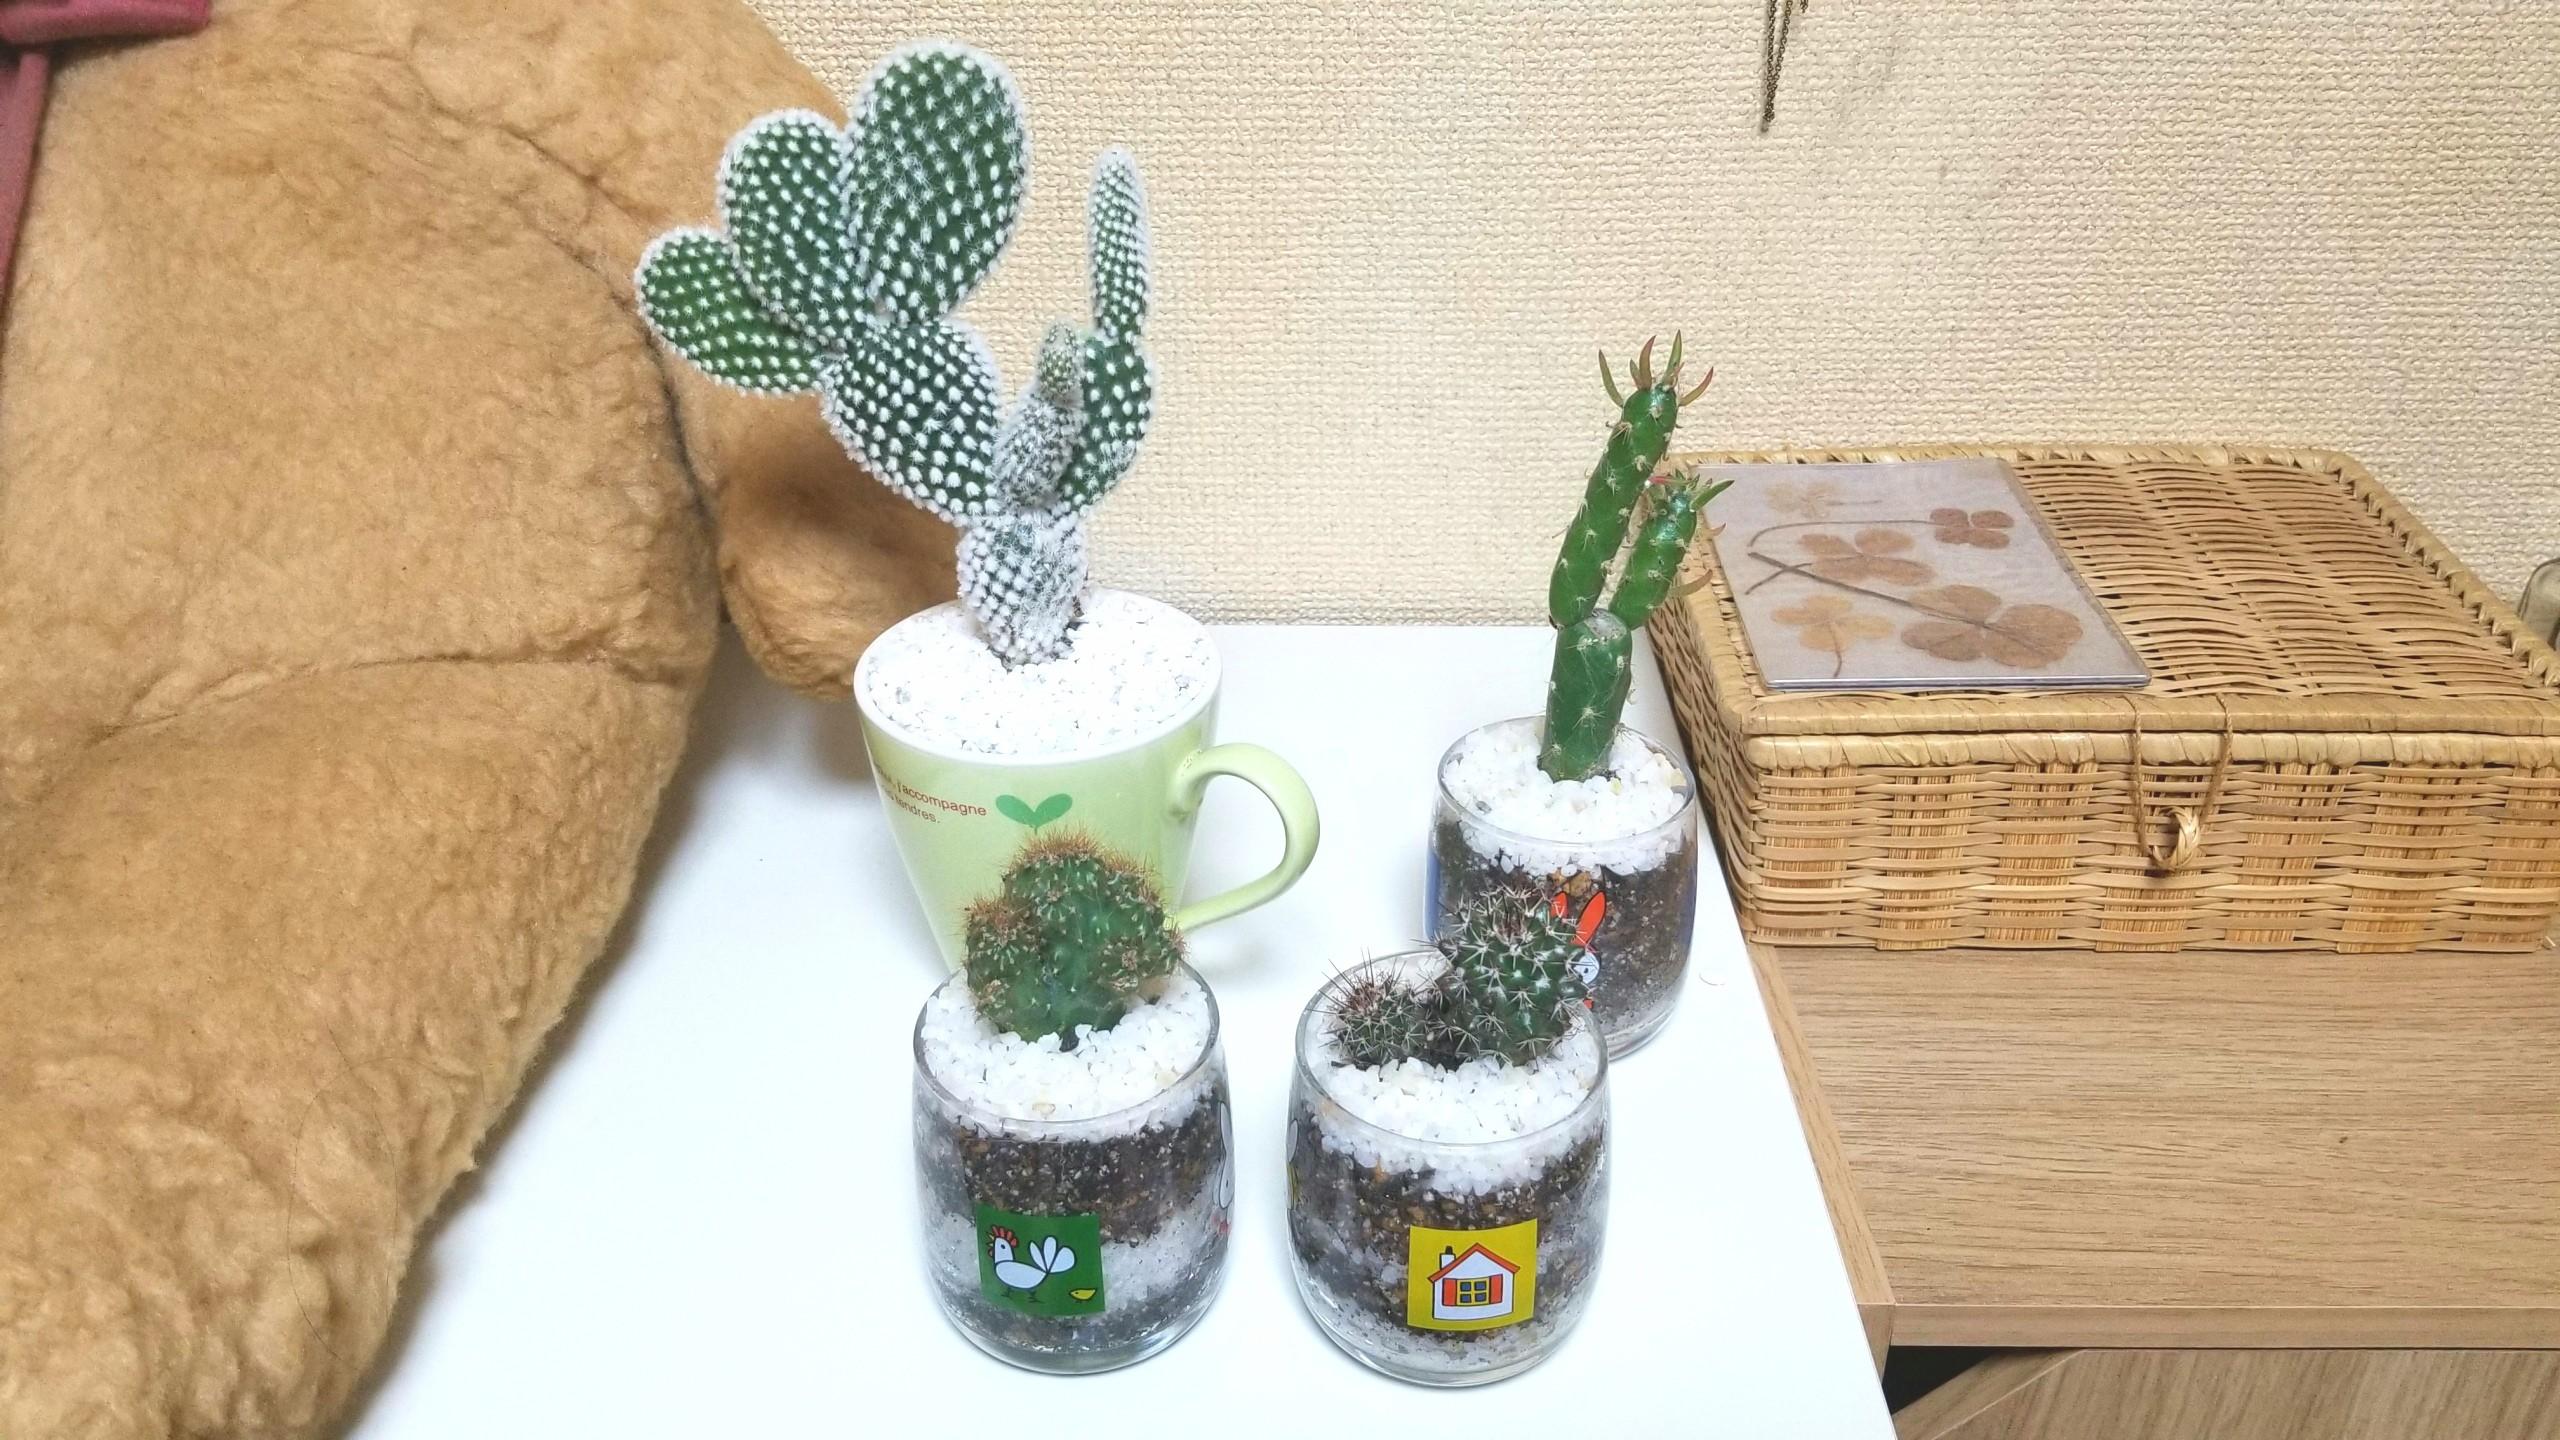 小さいサボテン,安いおしゃれかわいい,インテリア運気,植木鉢,人気